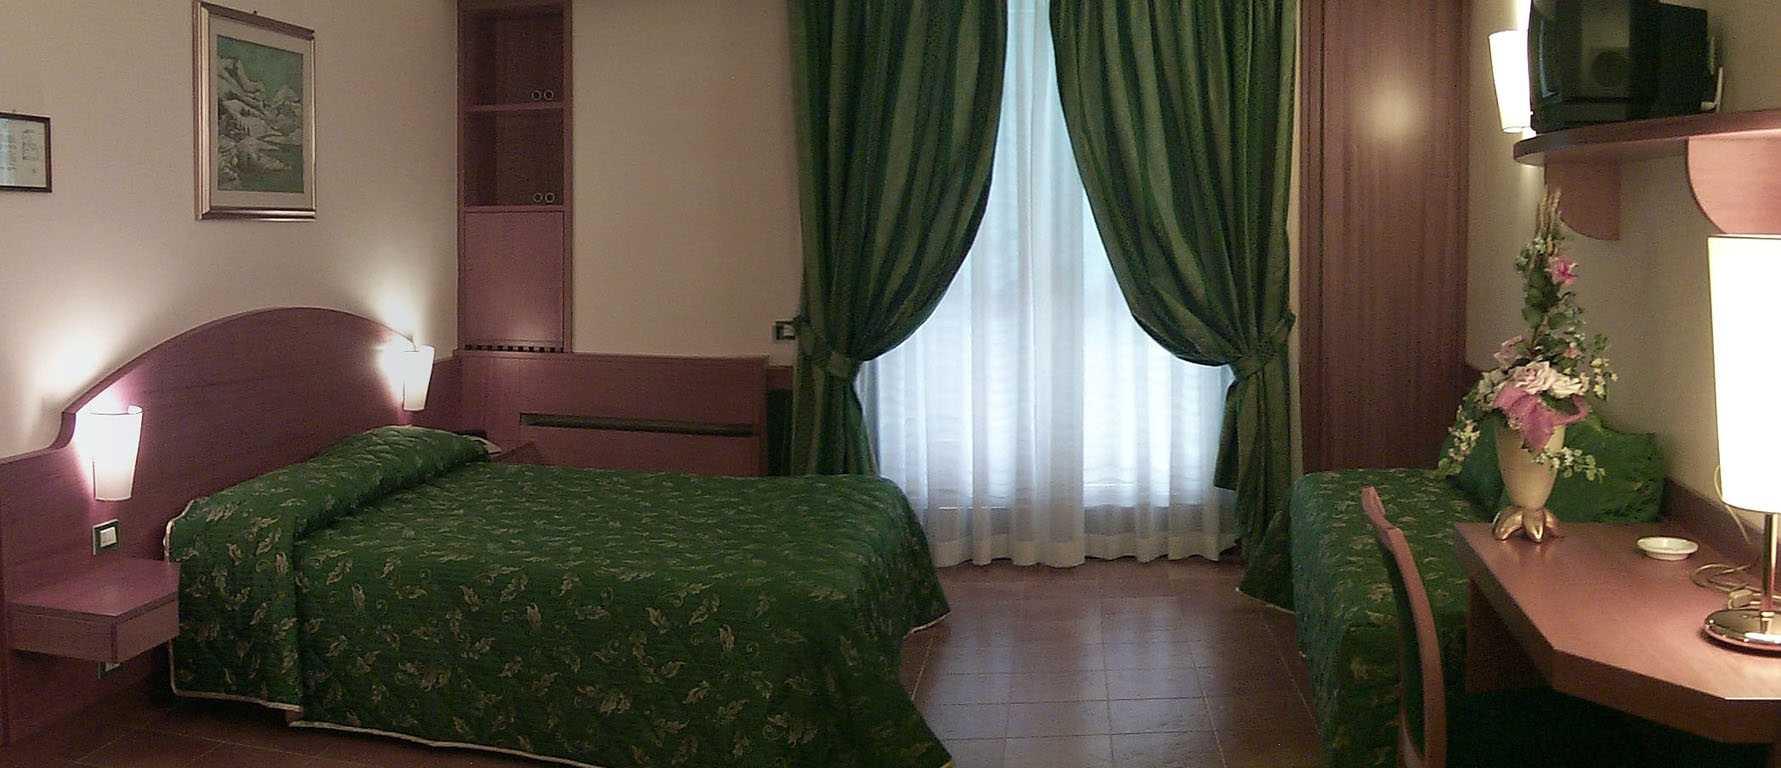 La terrazza Hotel Assisi Centro Benessere Albergo Assisi - Foto 2